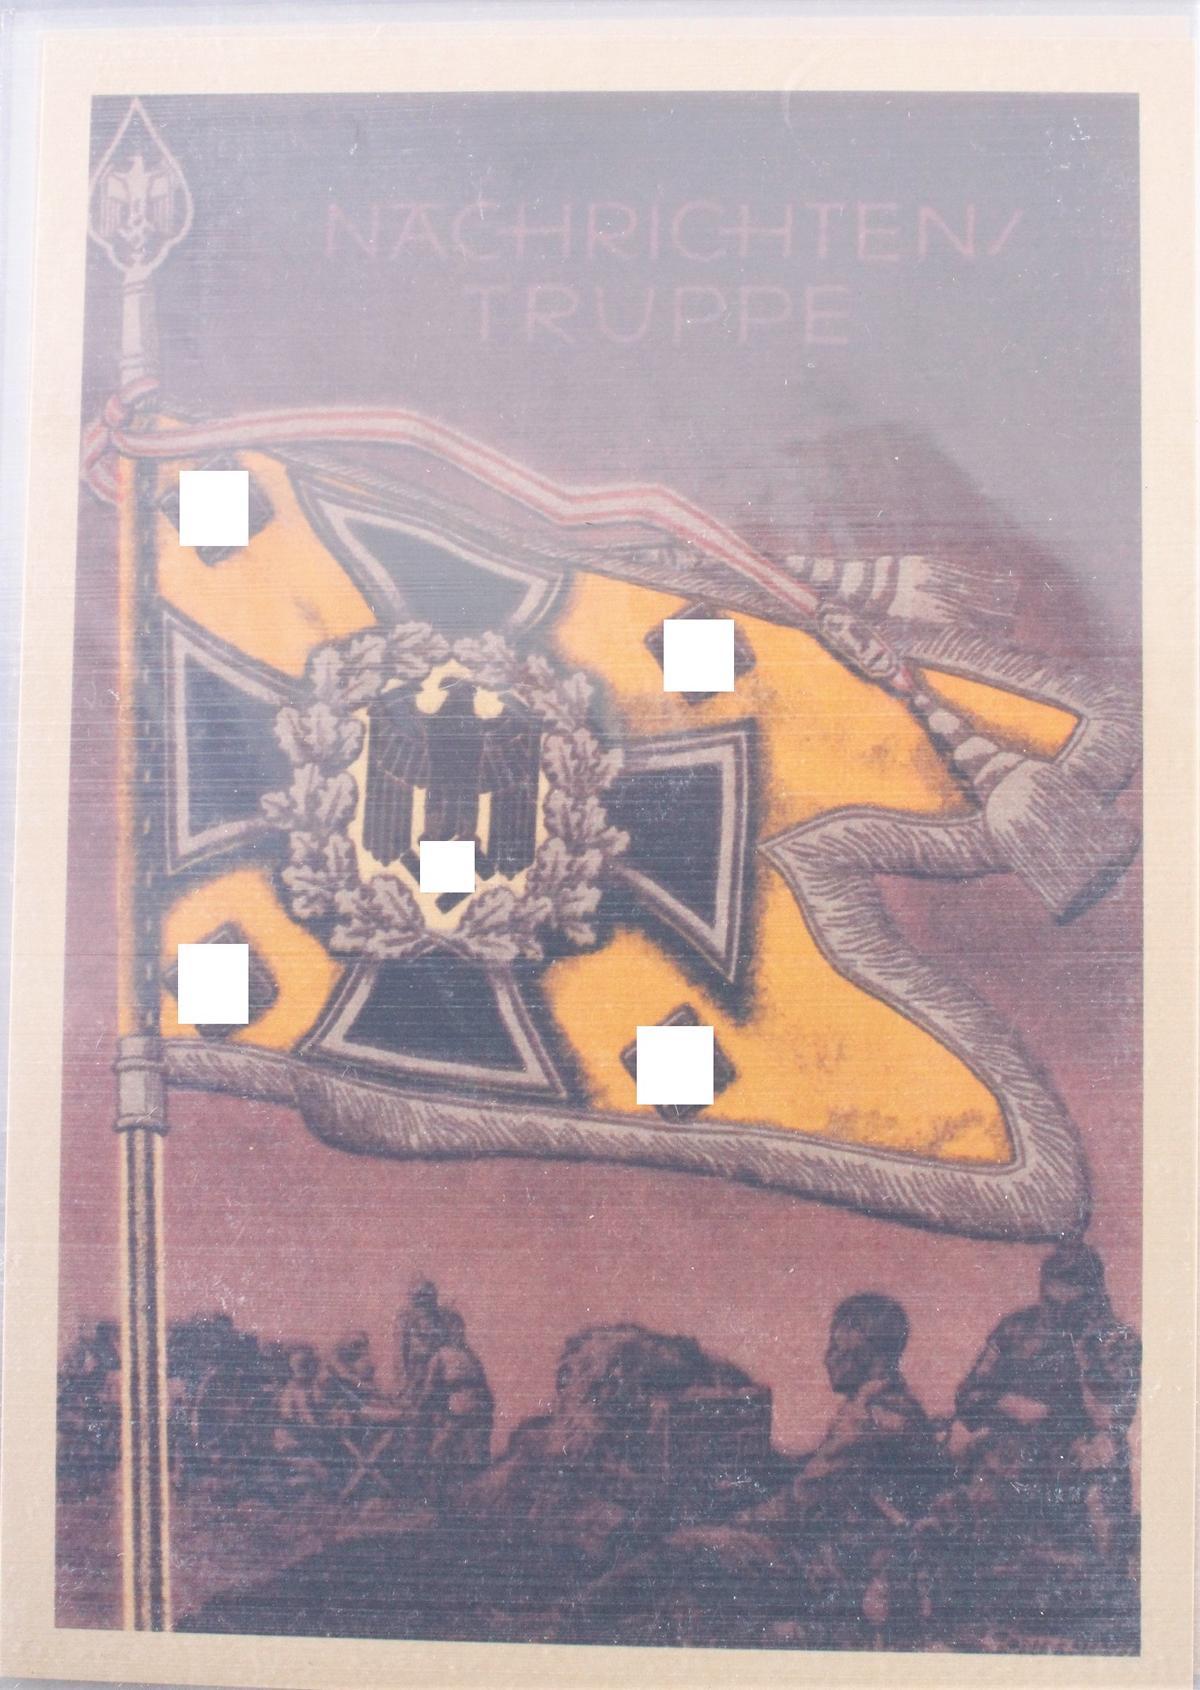 Über 60 Repro – Prpogandakarten des III. Reichs-3